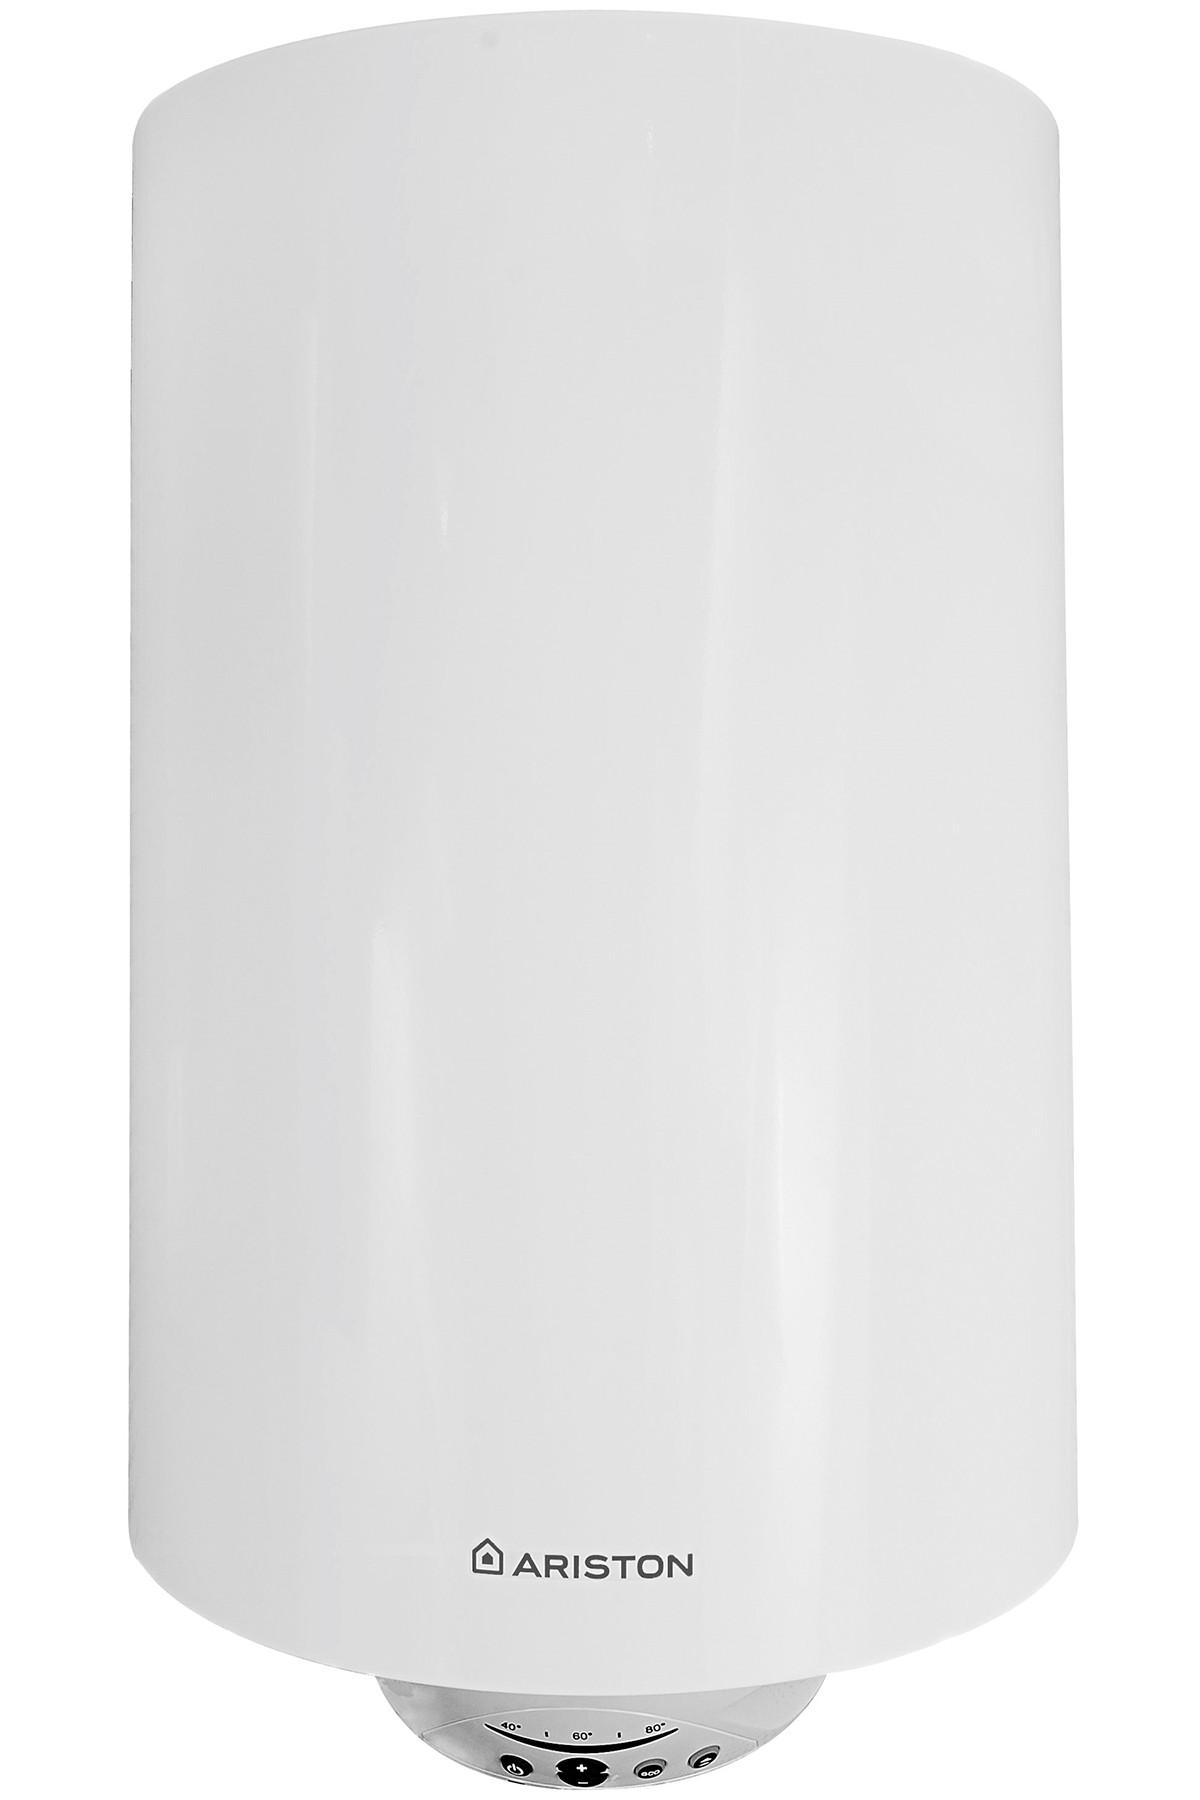 Водонагреватель аристон на 80 литров: цена электрических бойлеров